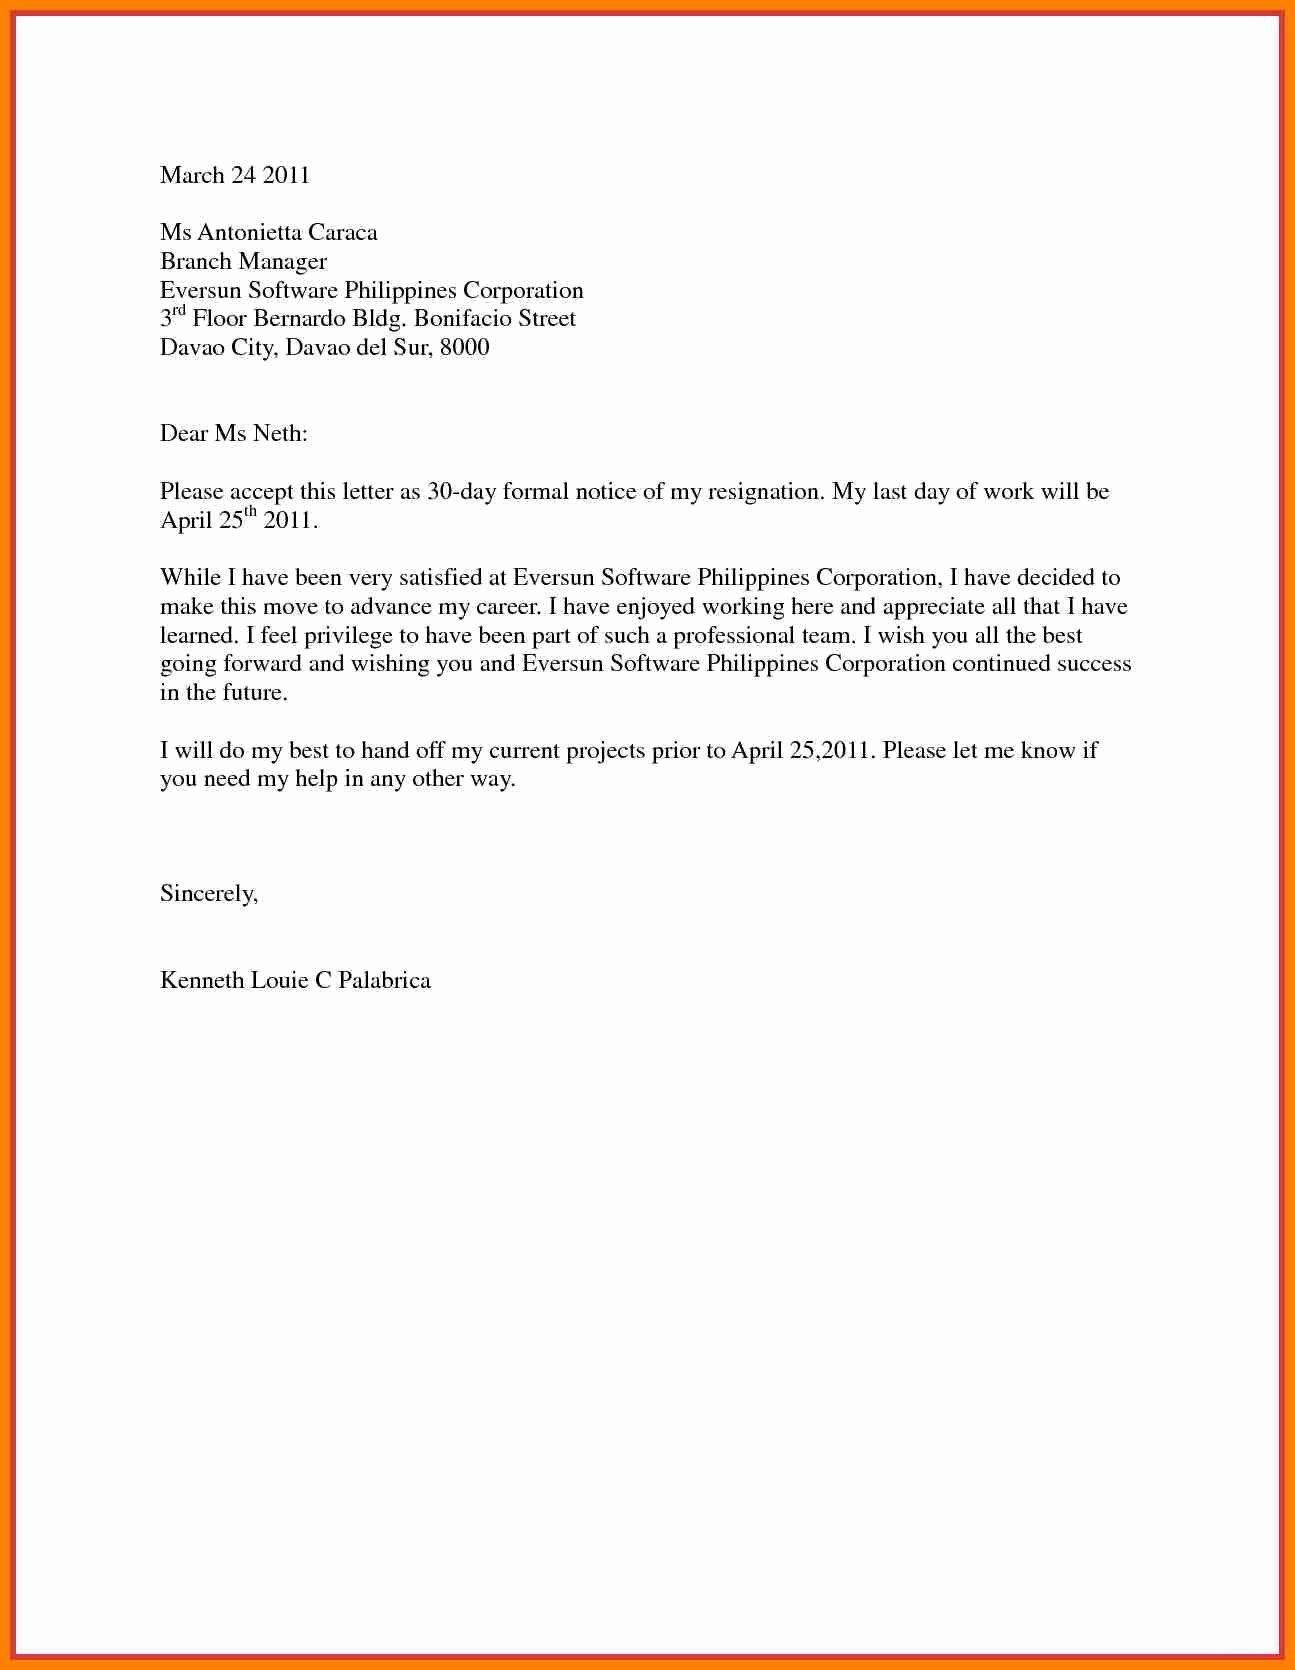 Resignation Letter 30 Days Notice Unique 9 Resignation Letter 30 Days Notice